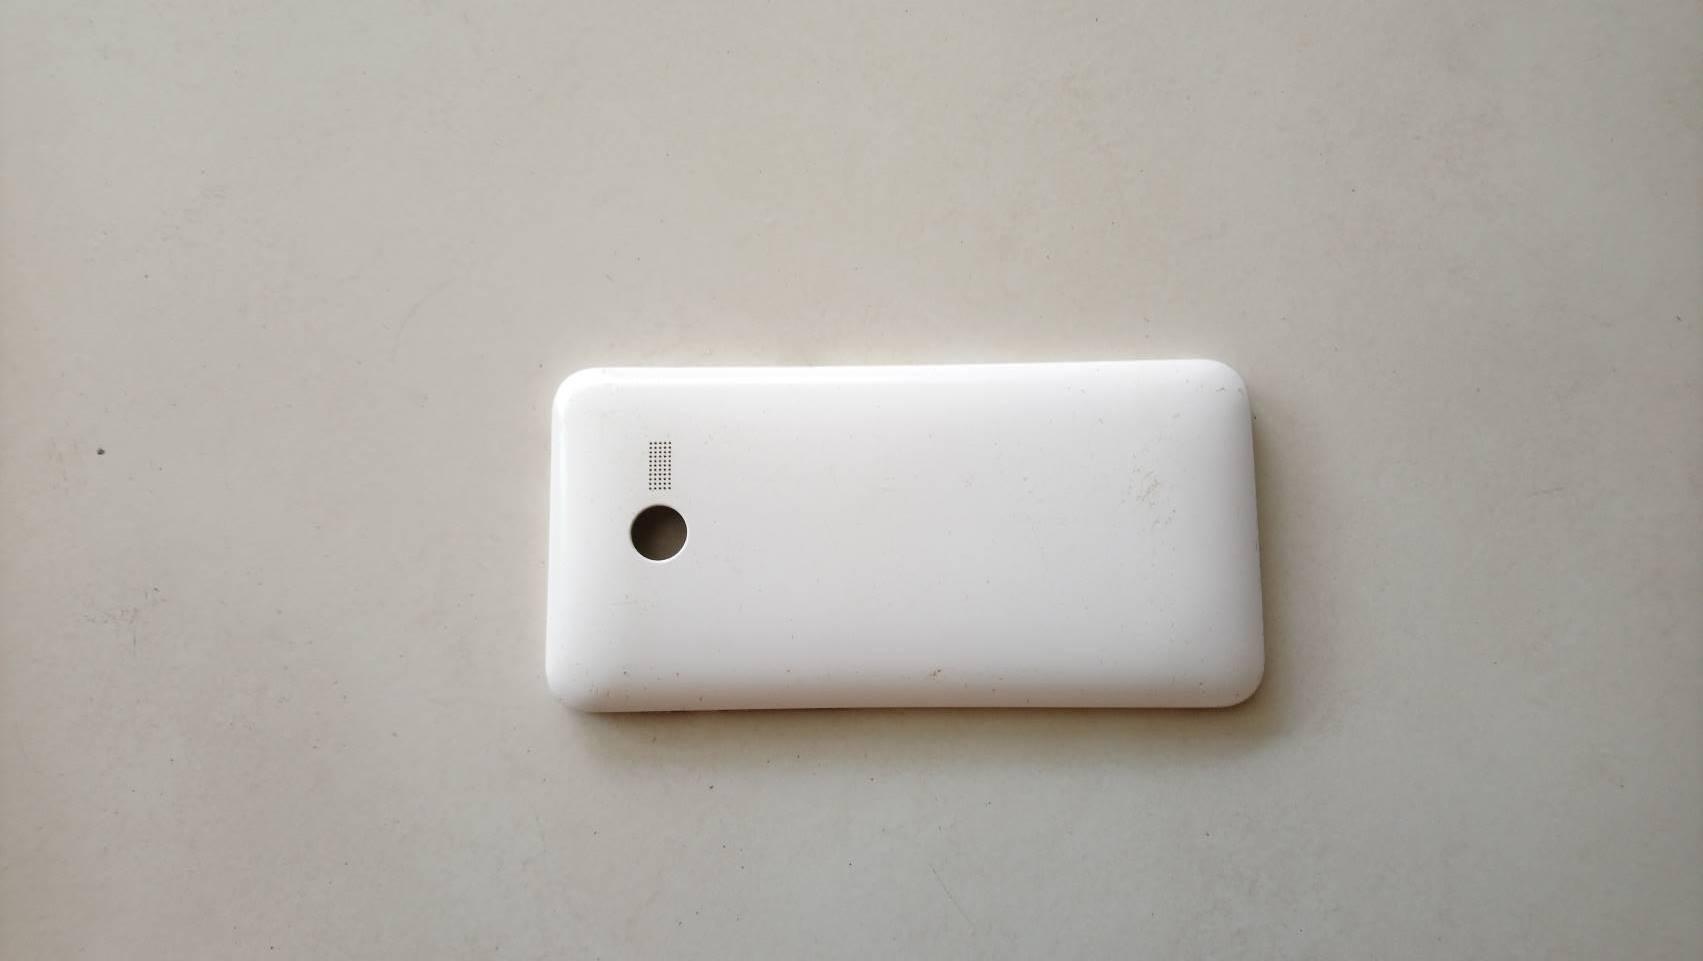 ฝาหลังสีขาว Back cover ASUS Zenfone4 T00i มือสอง